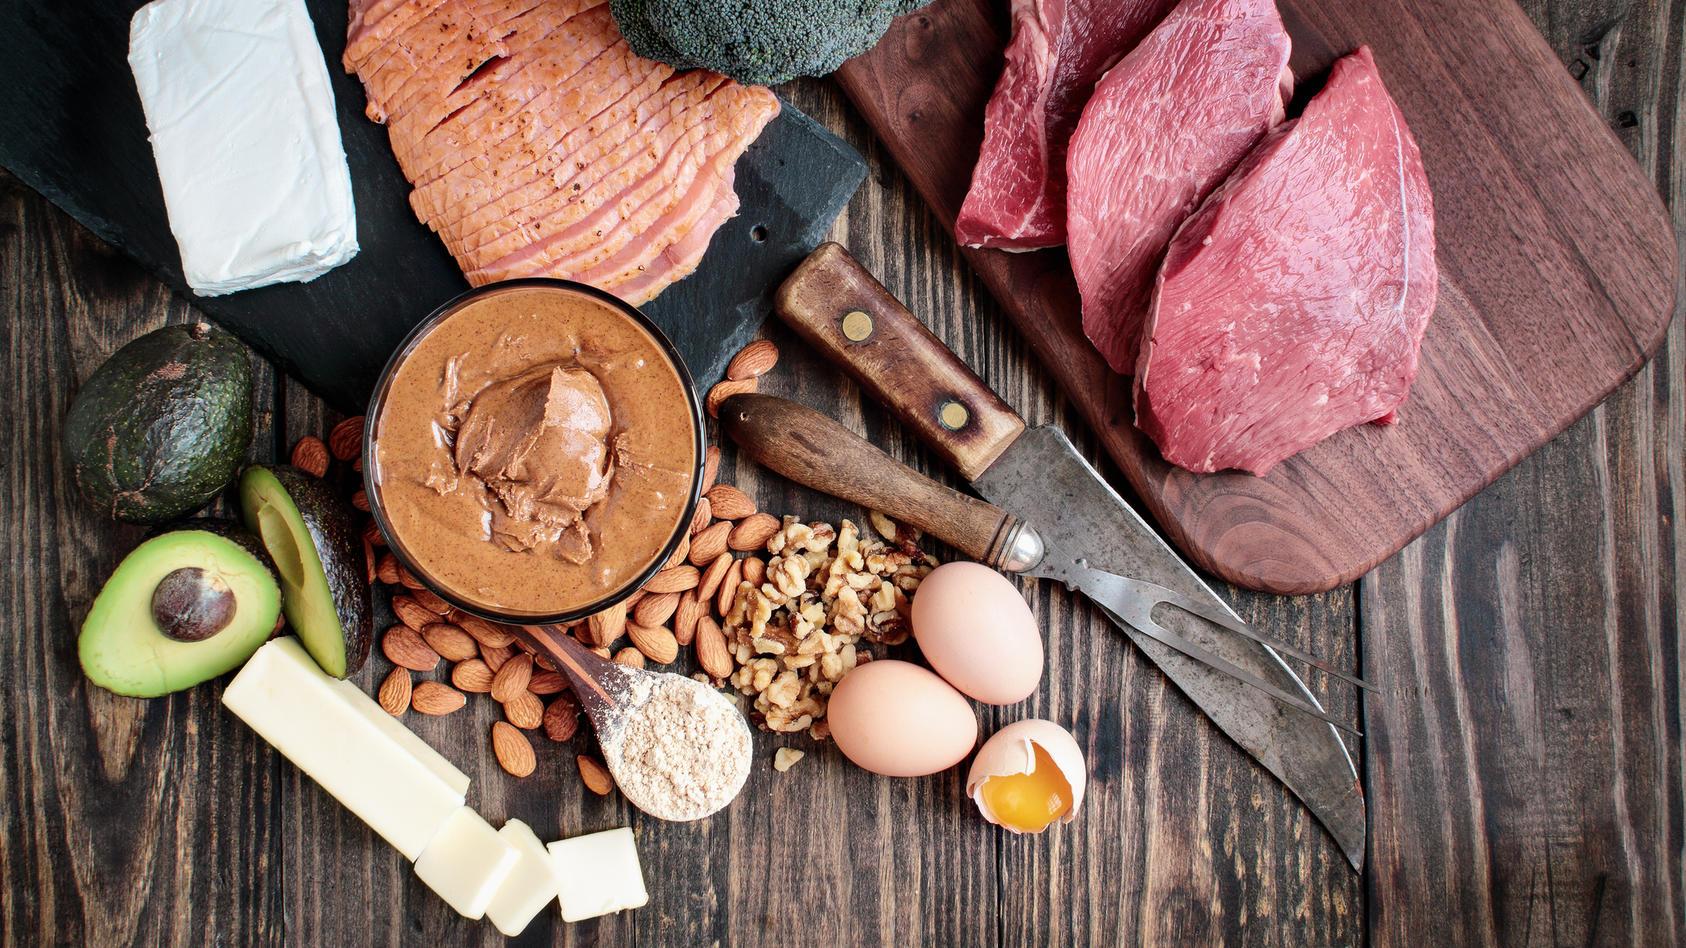 Welches Fleisch soll ich essen, um Gewicht zu verlieren